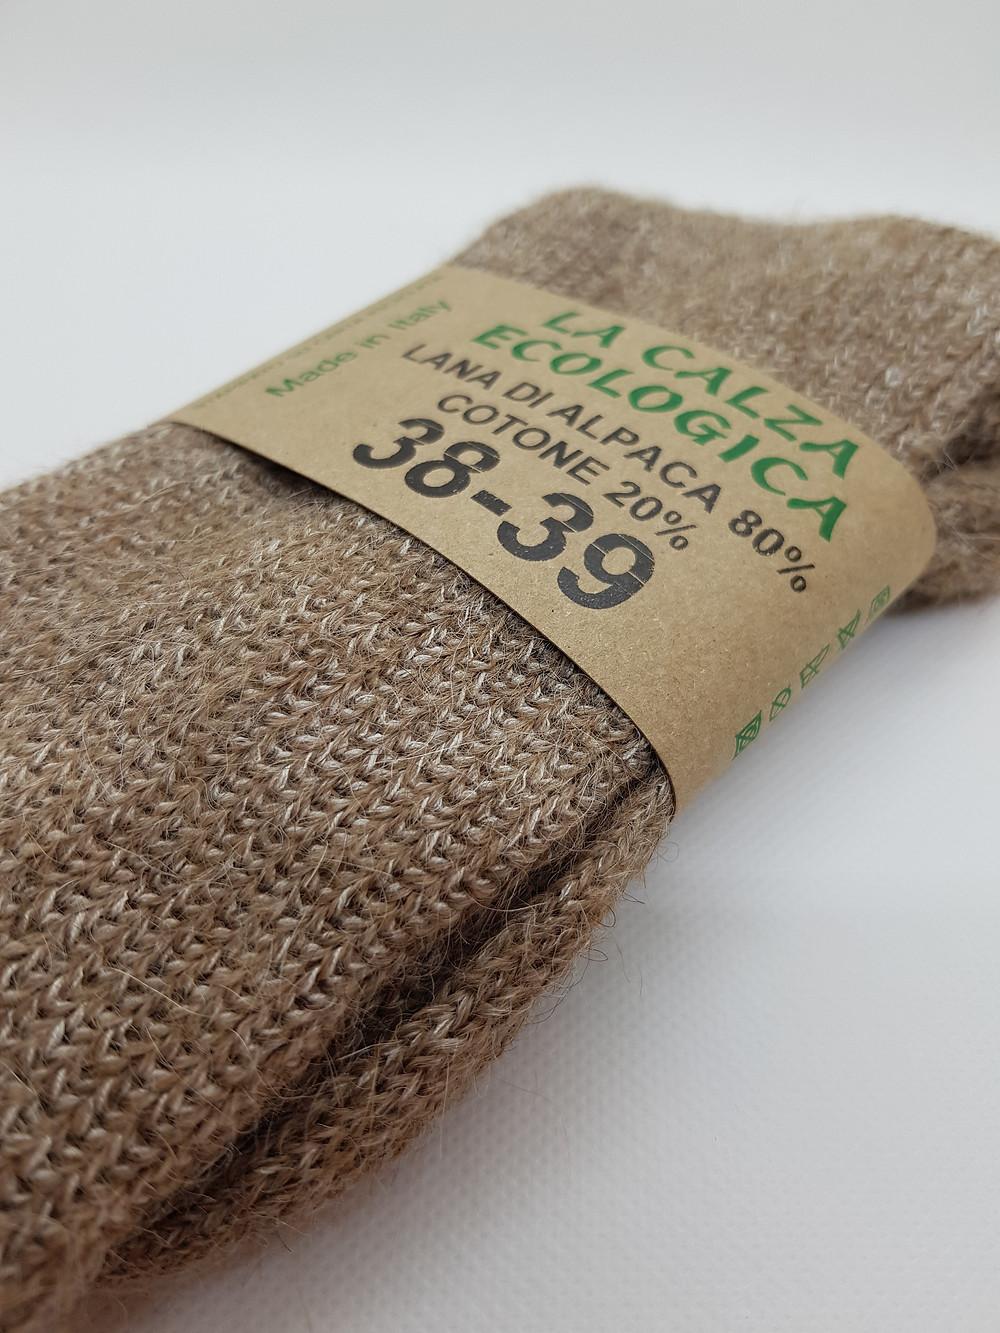 calza naturale lana alpaca cotone filamenti grossi